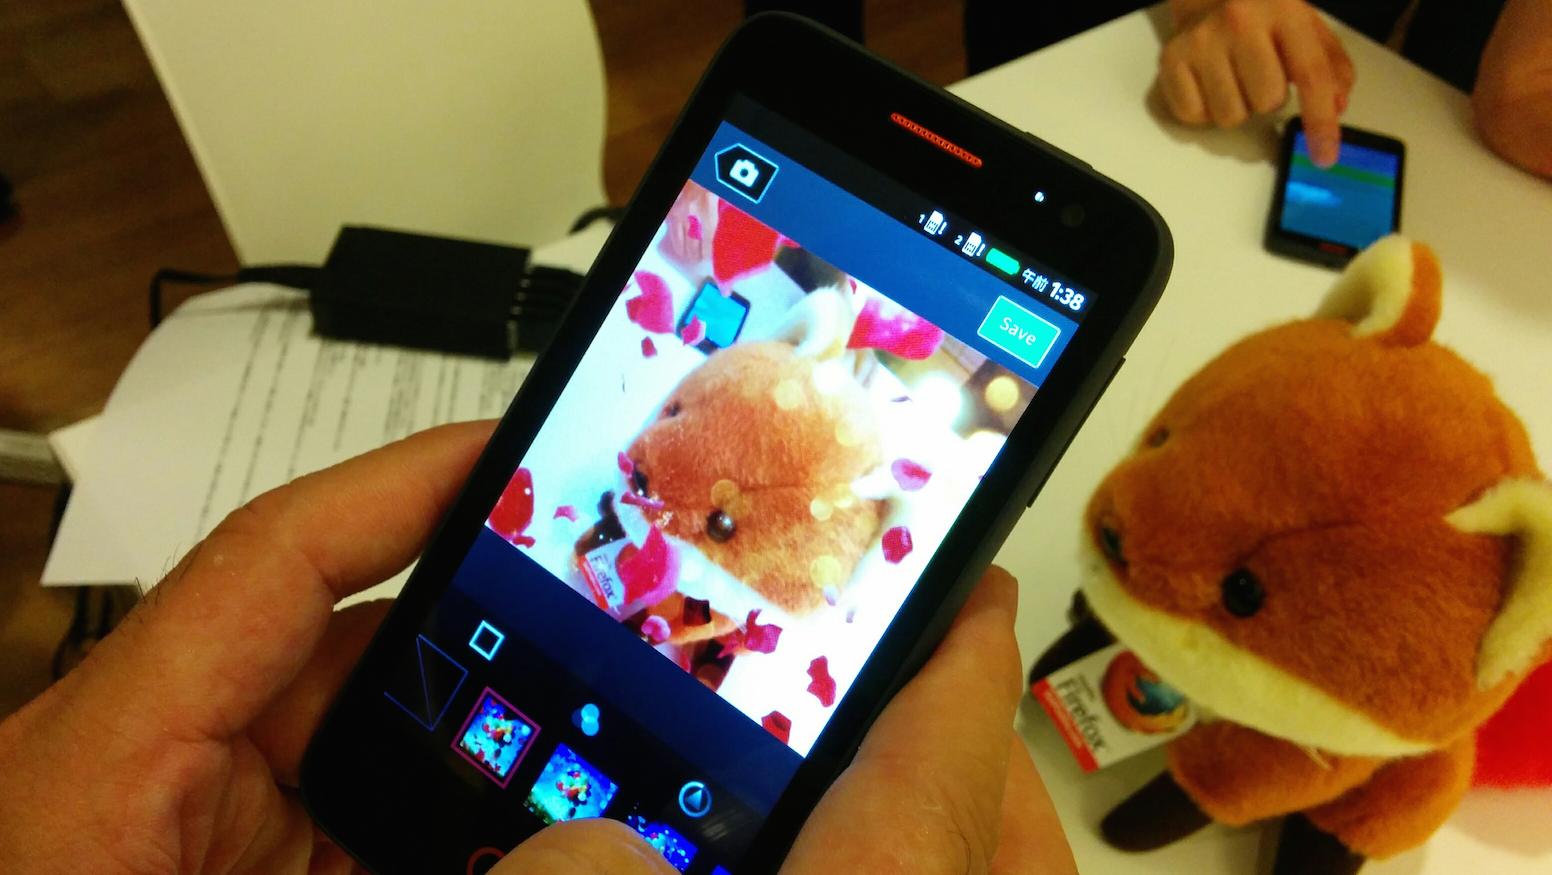 おひさしぶりです、火狐です。関東Firefox OS勉強会 7thに参加しました #fxos